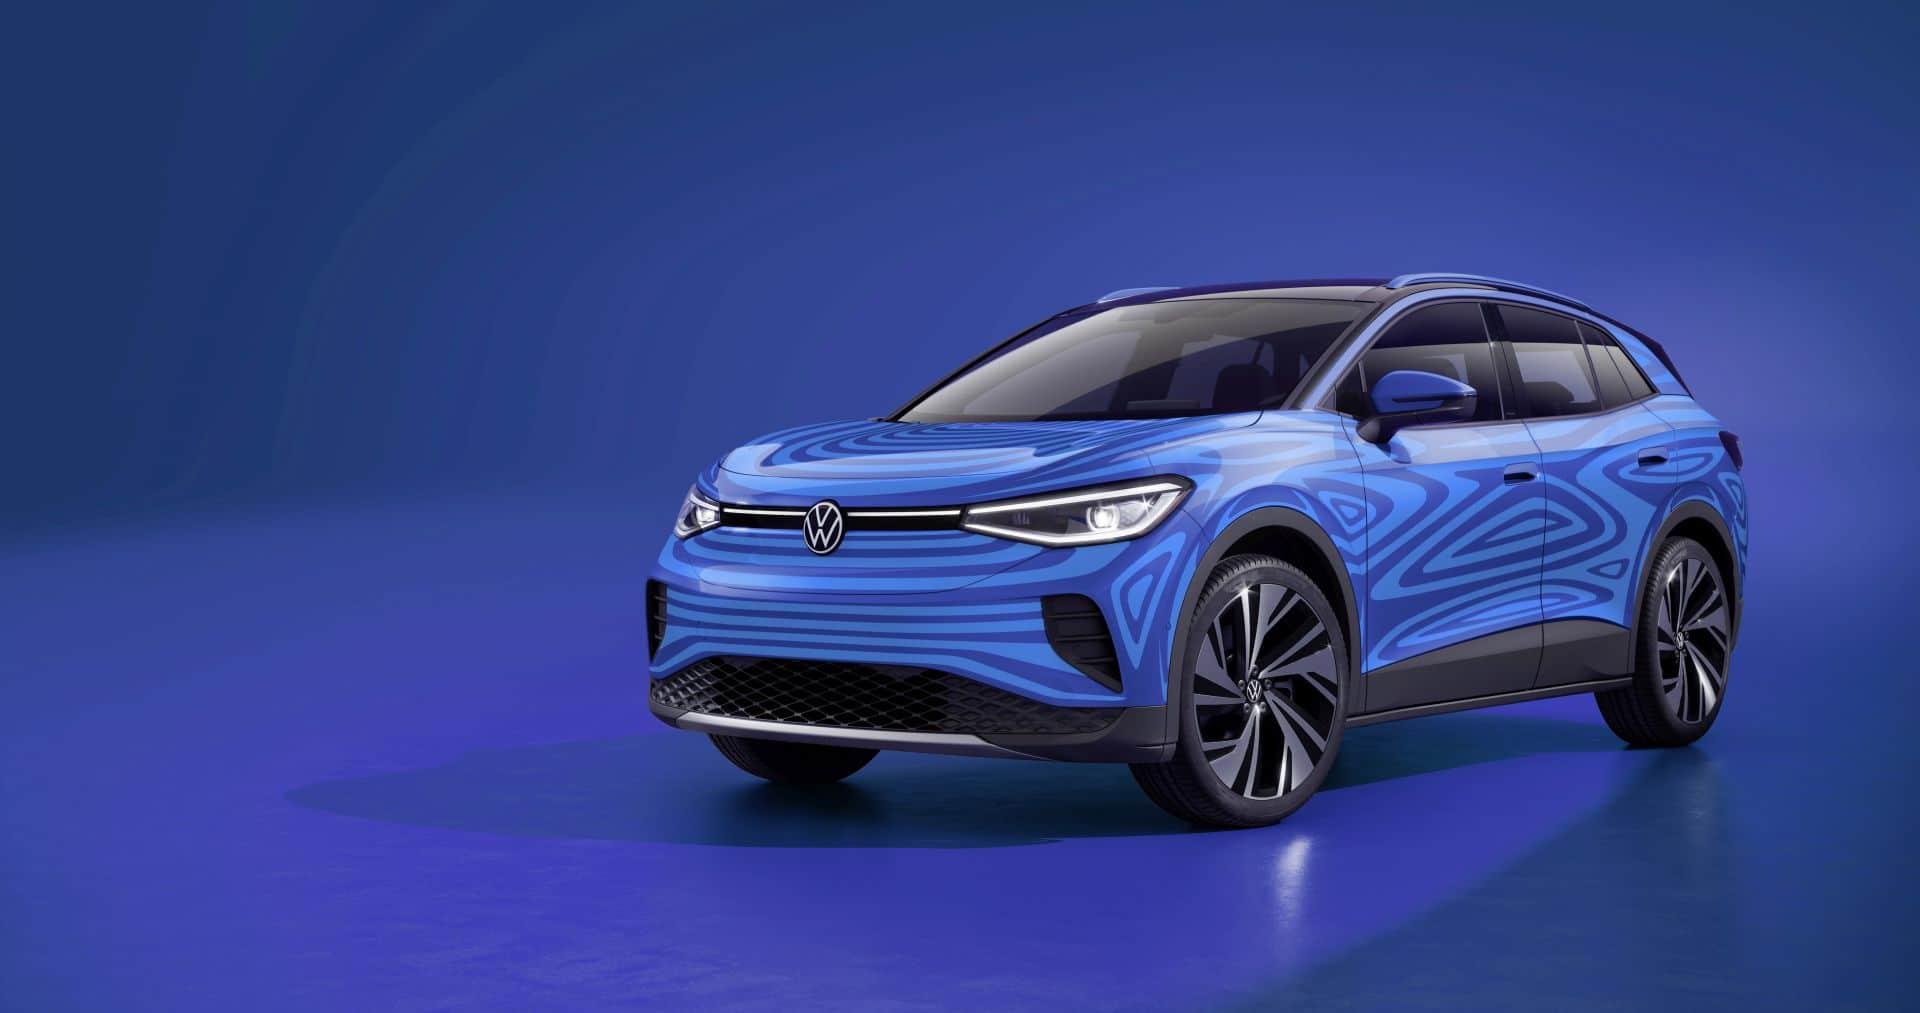 VW ID.4 kompakt SUV mit über 500 km Reichweite kommt noch 2020